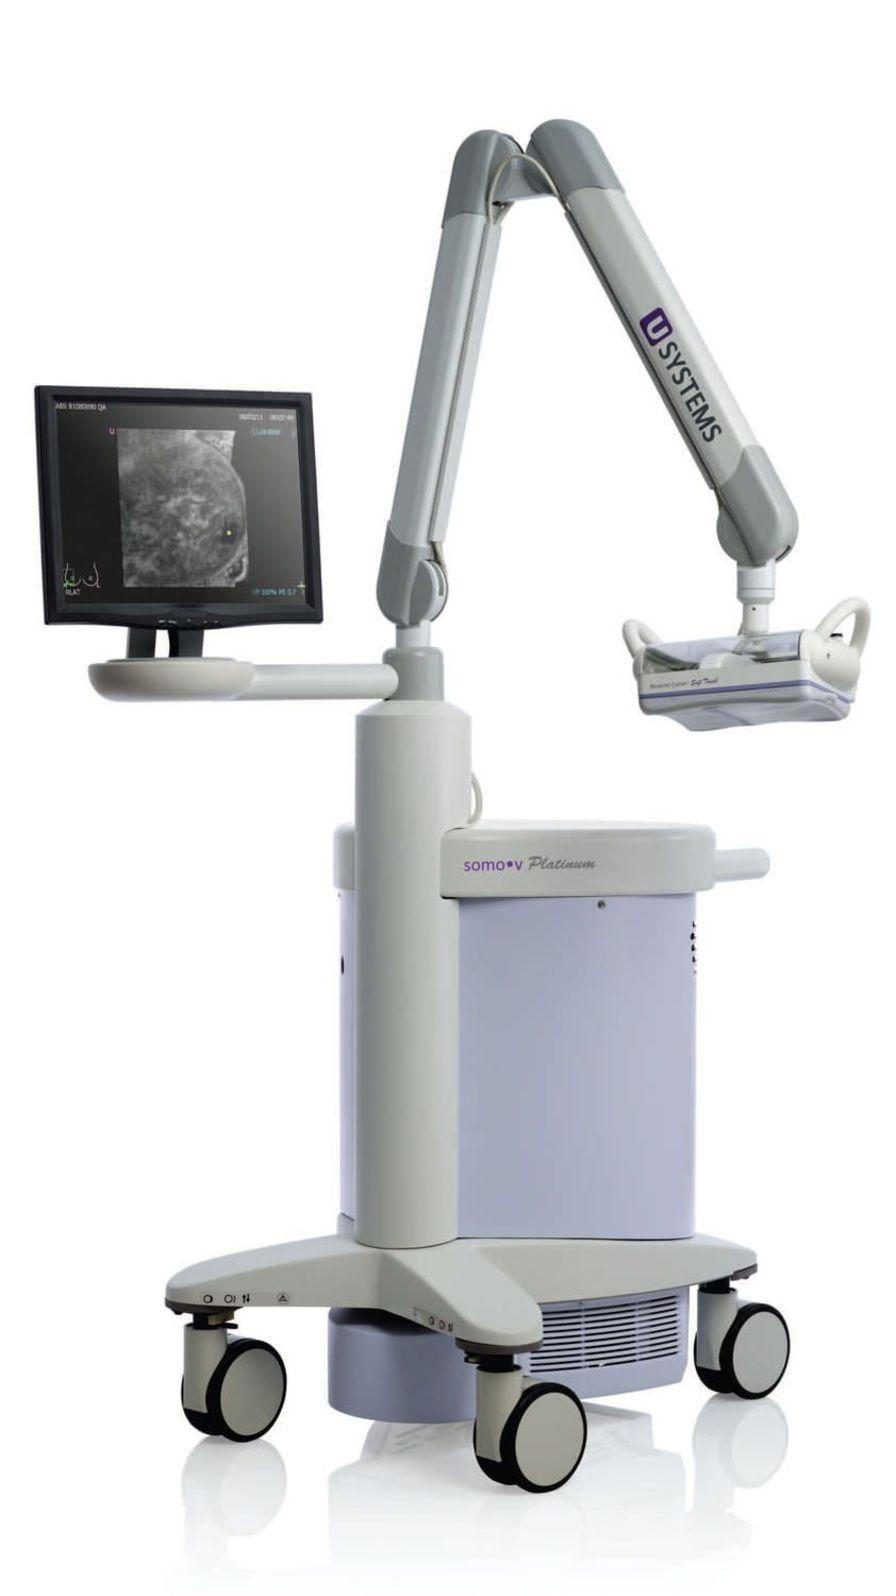 Ultrasound system / on platform / for breast ultrasound imaging somo?v ABUS Platinum U-Systems